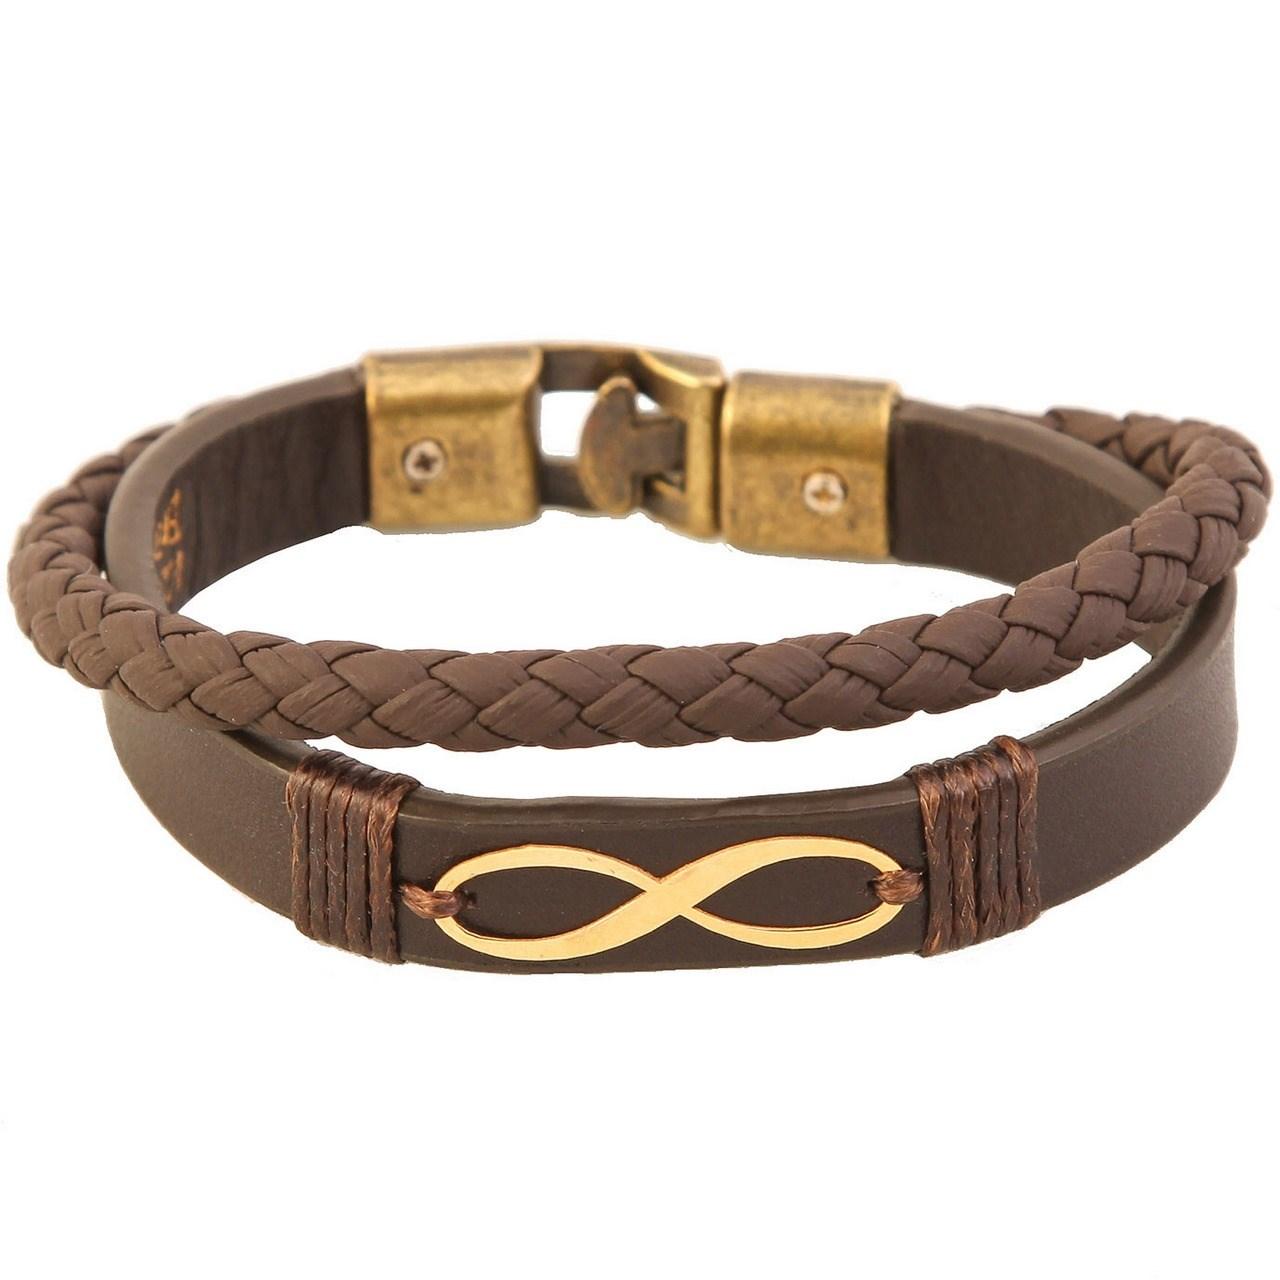 دستبند طلا ۱۸ عیار کابوک مدل ۱۷۵۰۰۹ طرح بینهایت